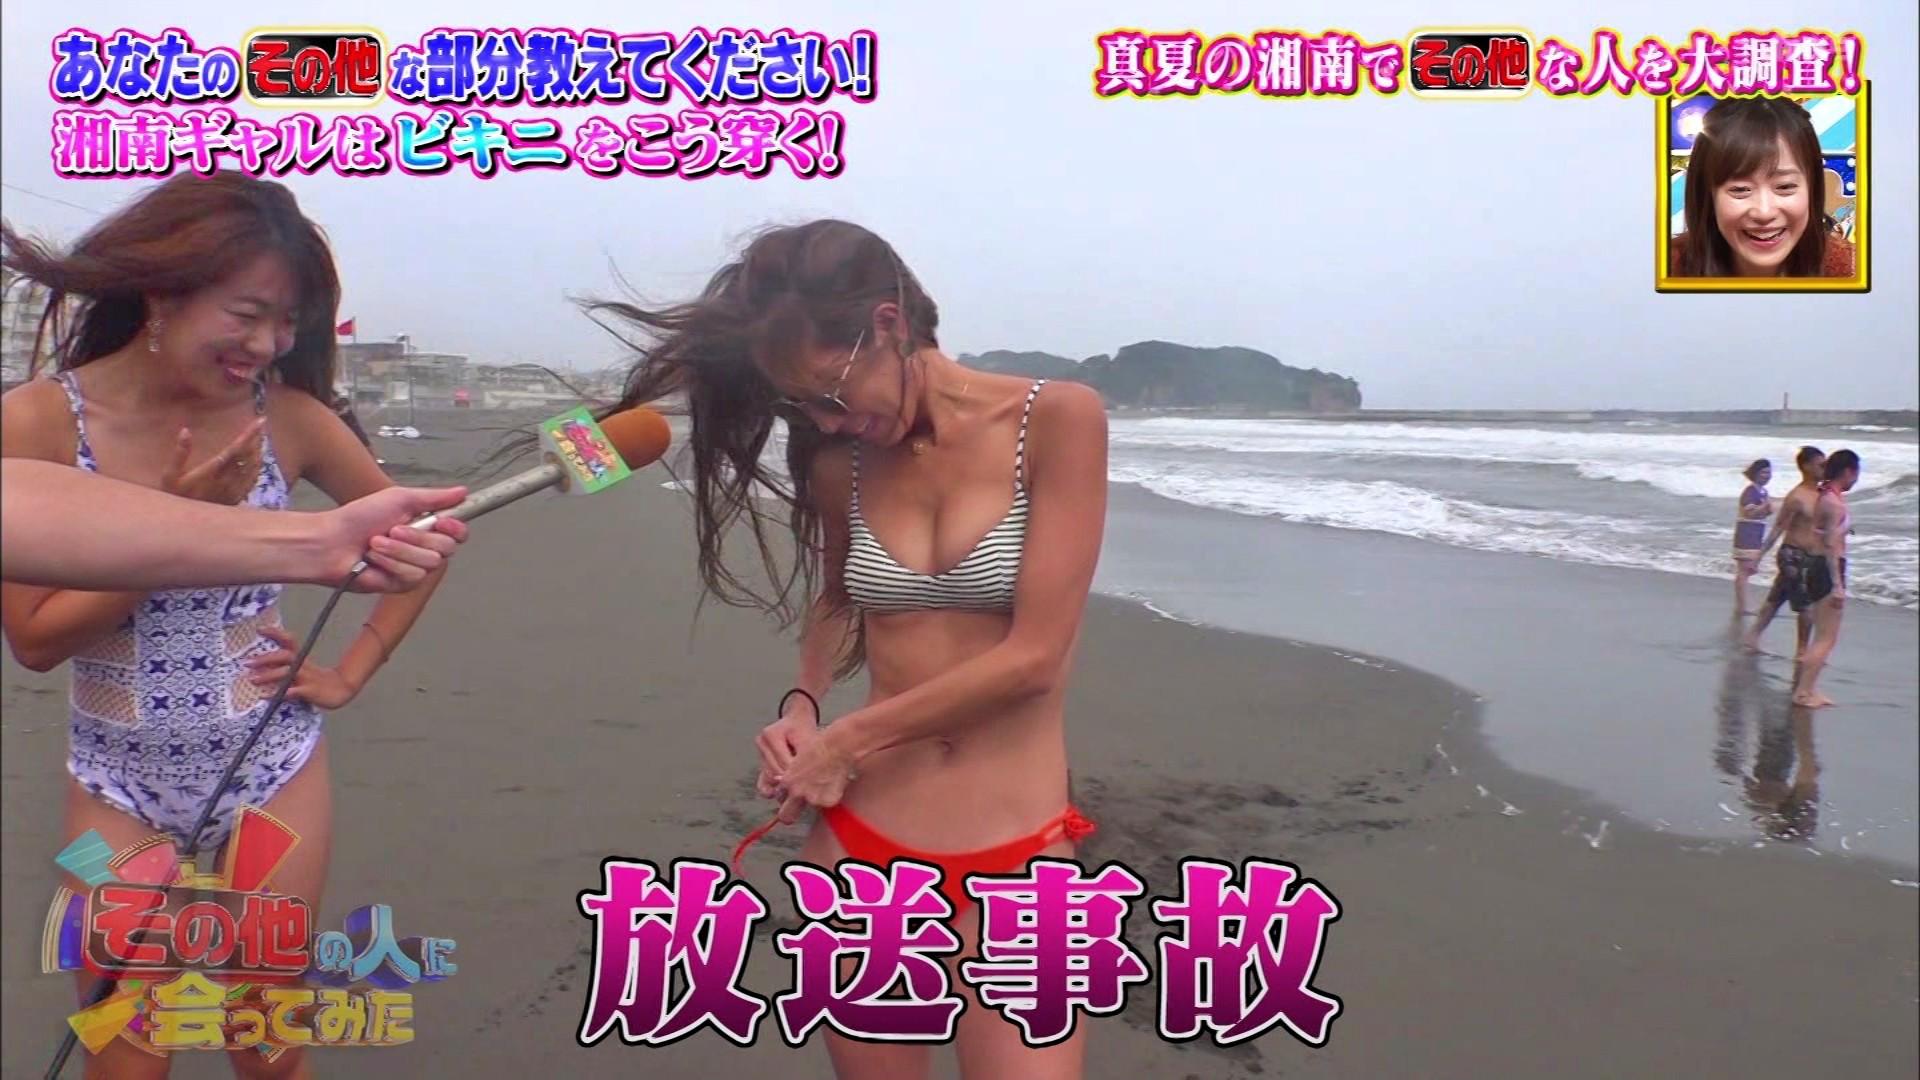 2019年9月3日にTBSで放送された「その他の人に会ってみた」に出演した水着お姉さんのテレビキャプチャー画像-035